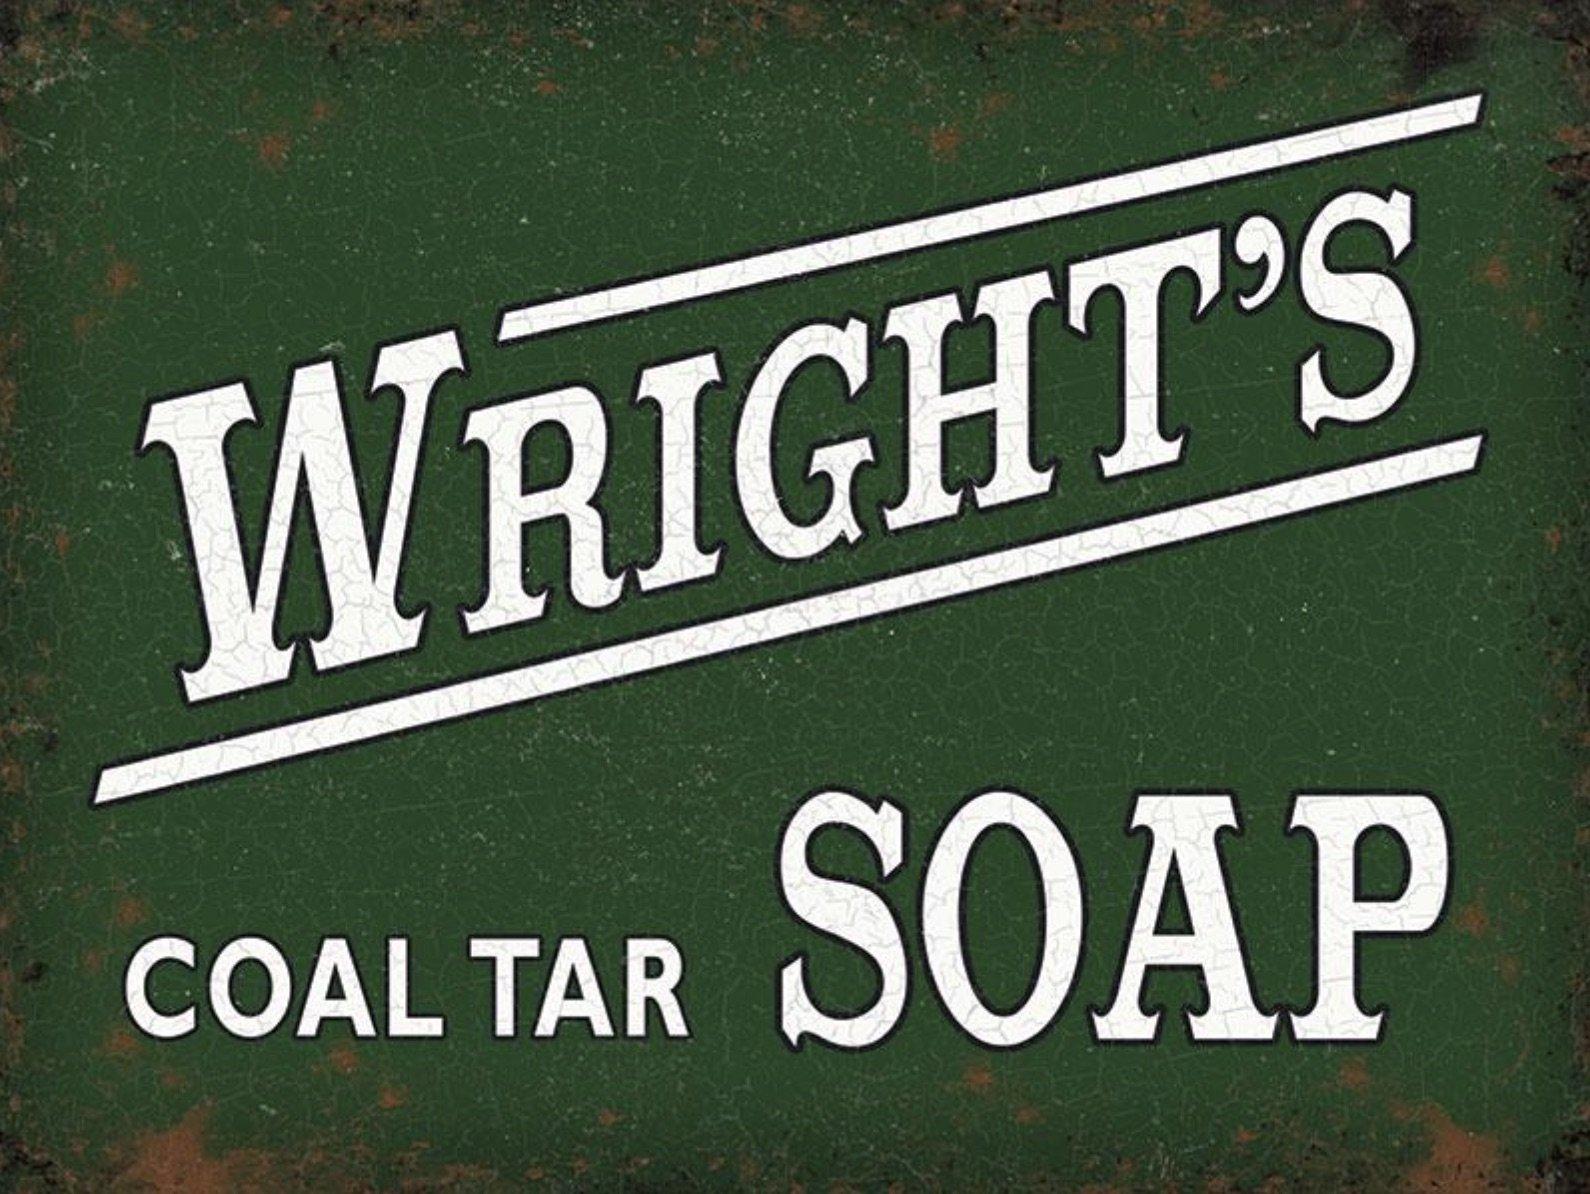 Wright's Coal Tar Soap Metal Wall Art